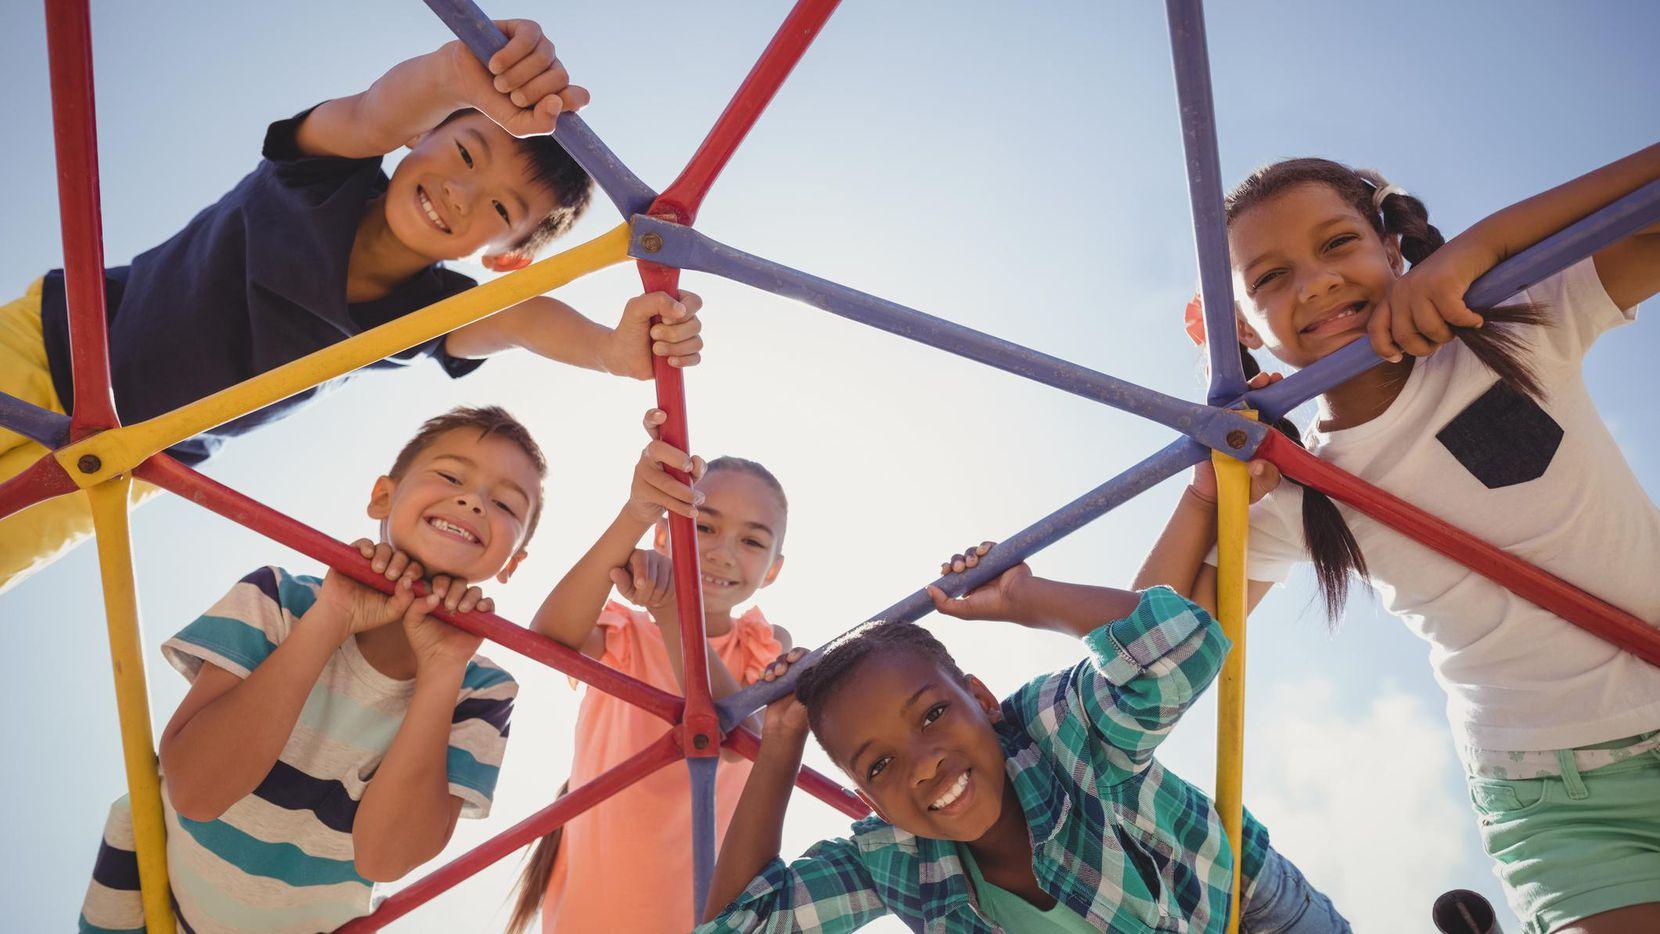 Hay menos niños sin seguro médico, pero esa tendencia podría cambiar. (GETTY IMAGES/iSTOCK)